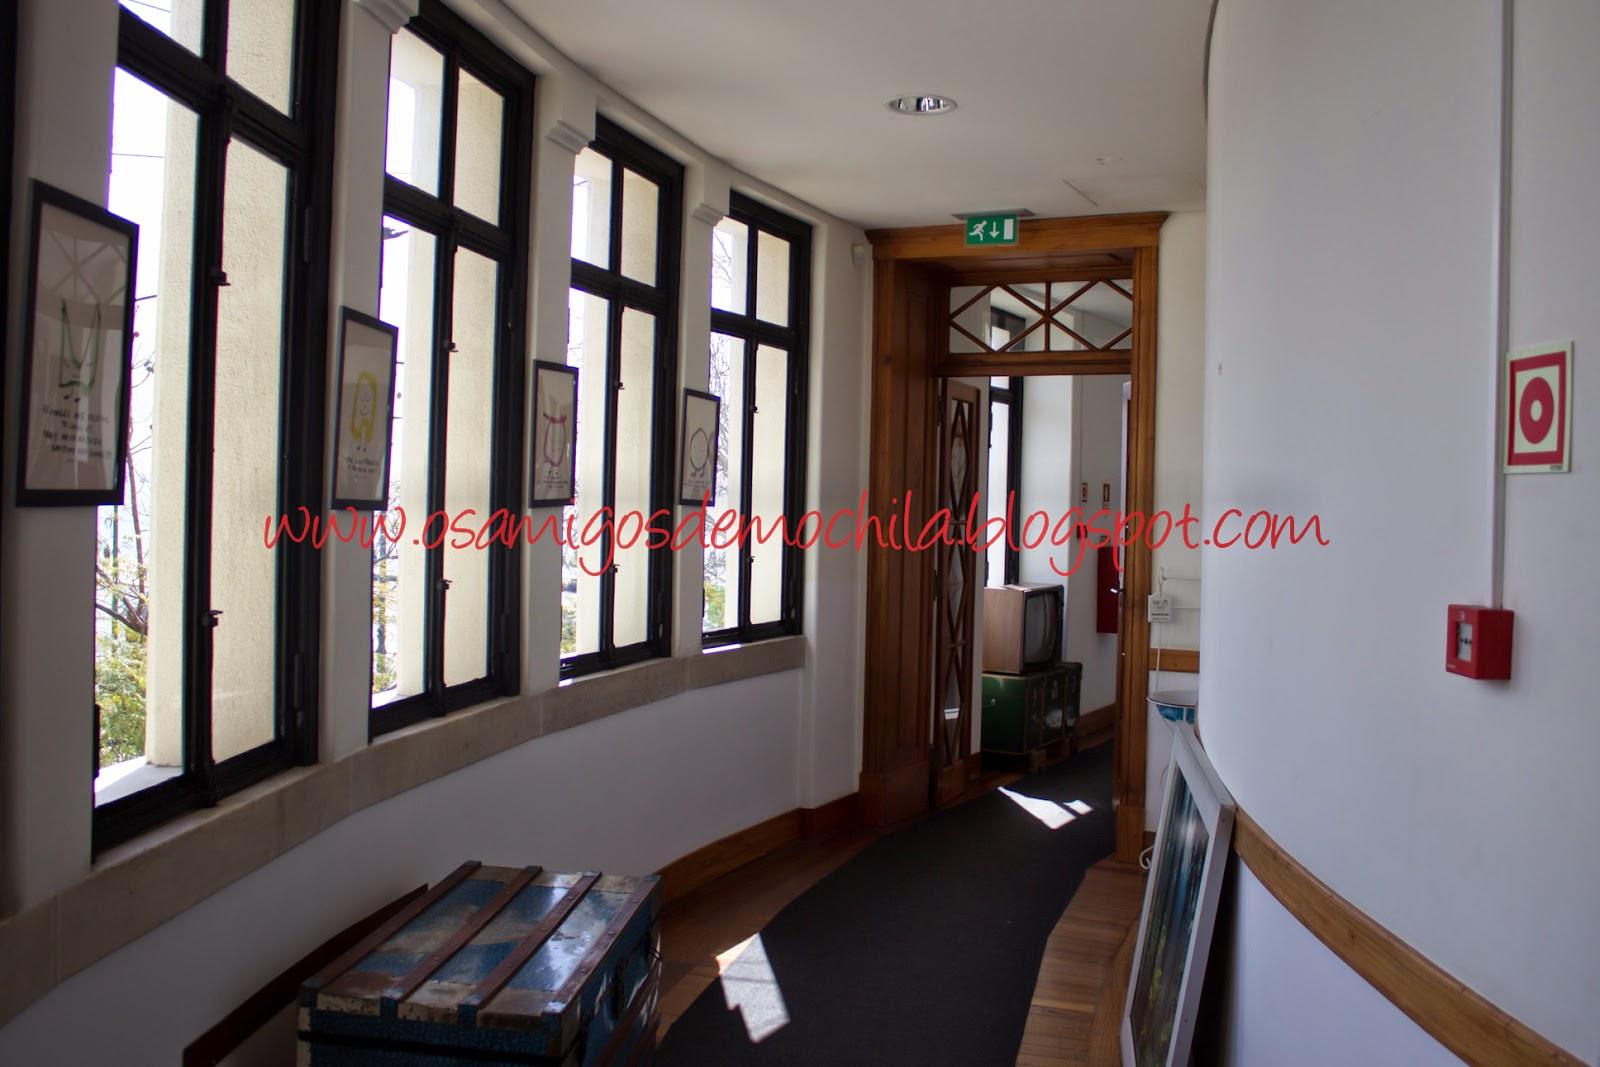 Se deliciando em portugal hostel em lisboa fotos e pre os for A ultima porta jejum coletivo